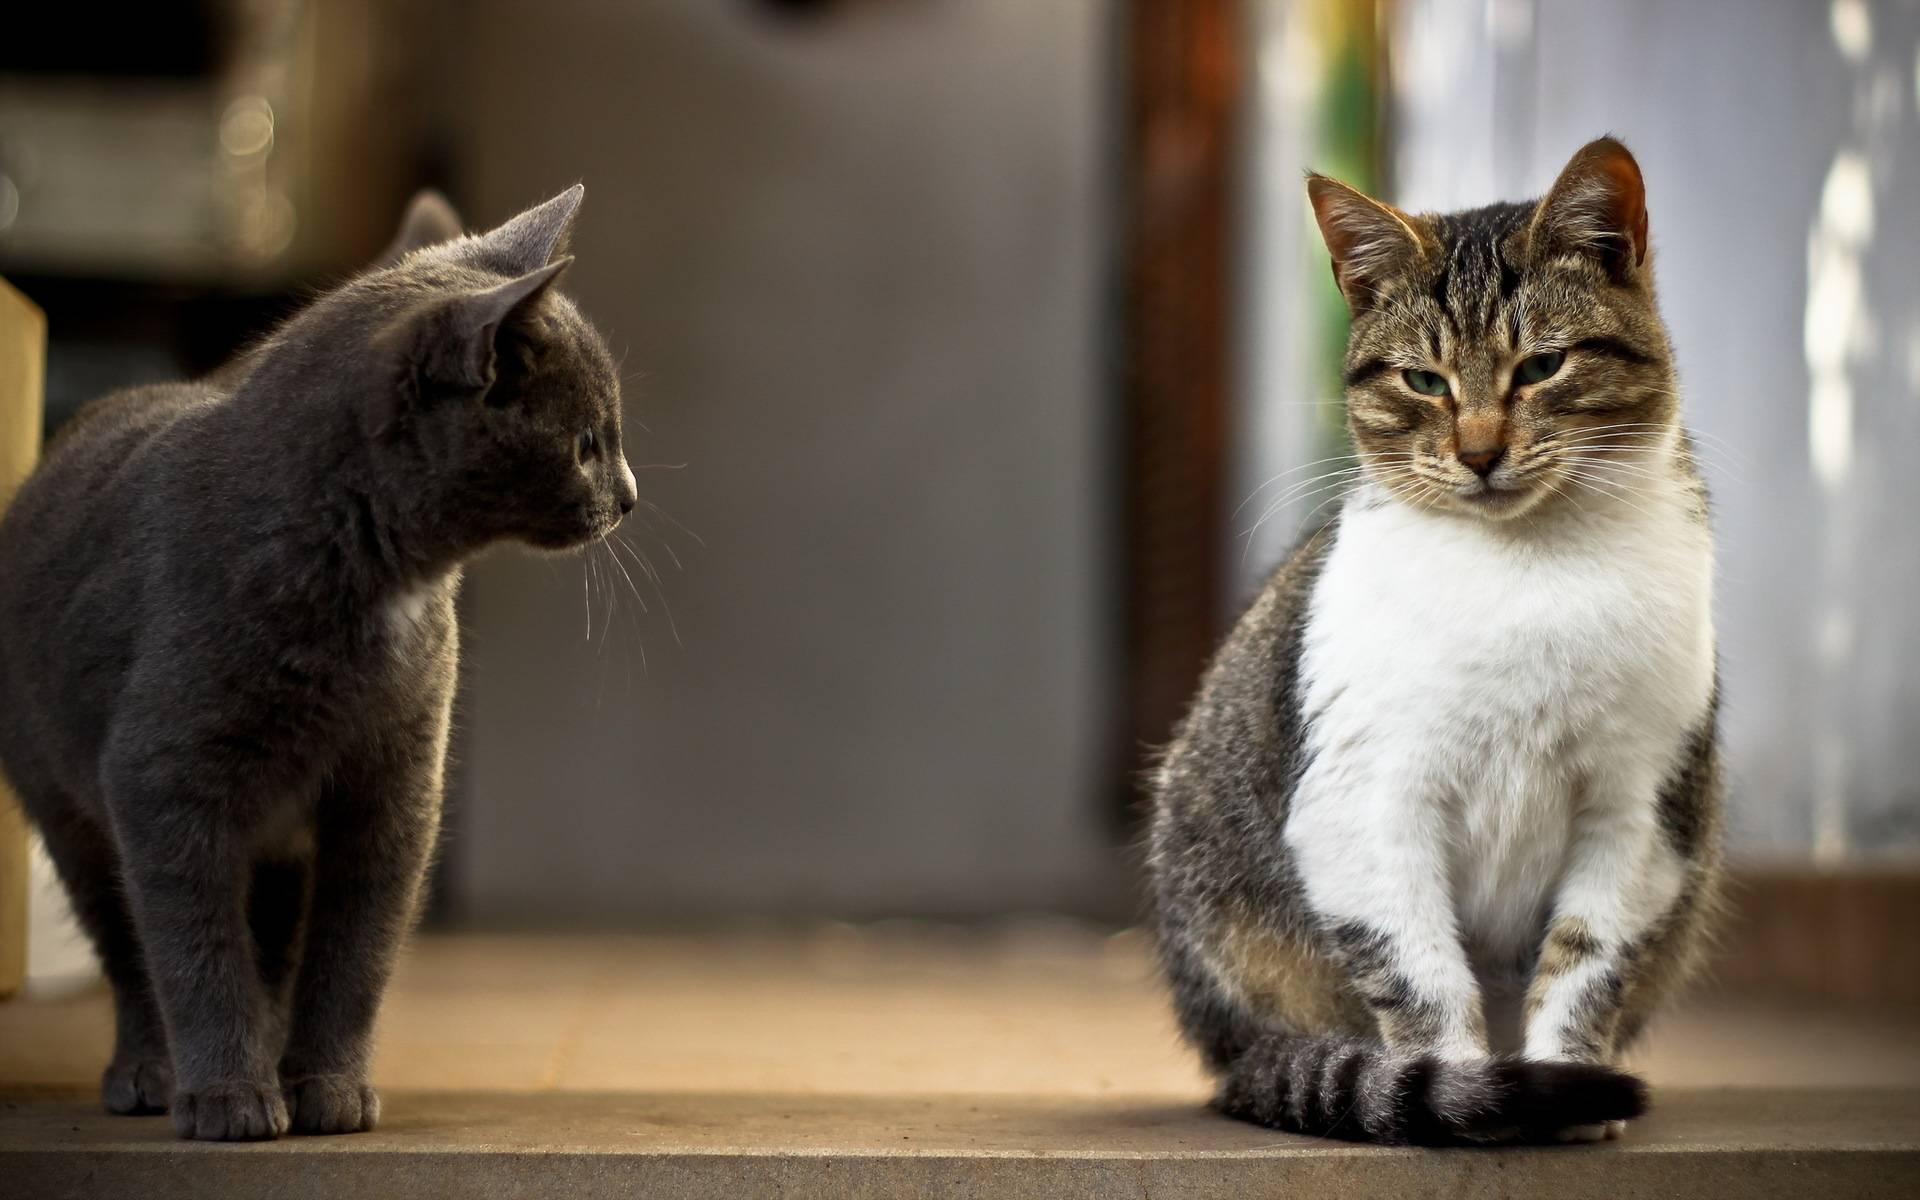 Как понять, что болит у кошки, советы кошатникам